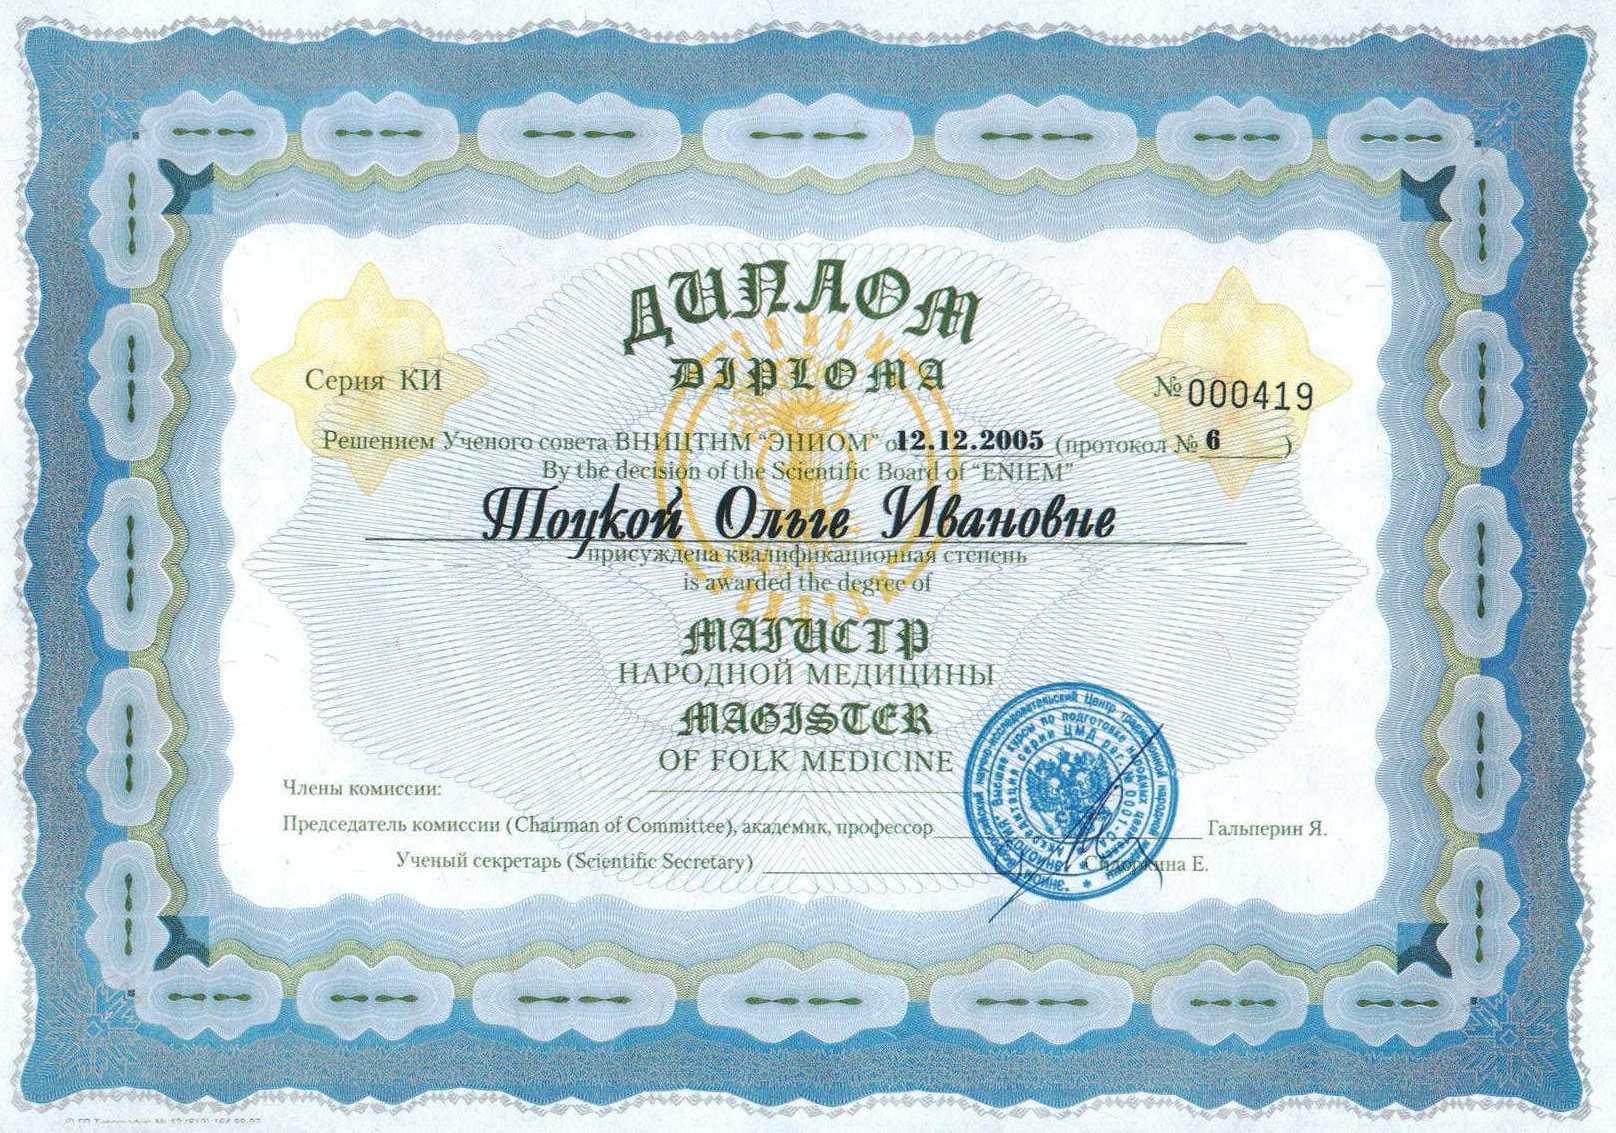 Диплом о присуждении степени народной медицины